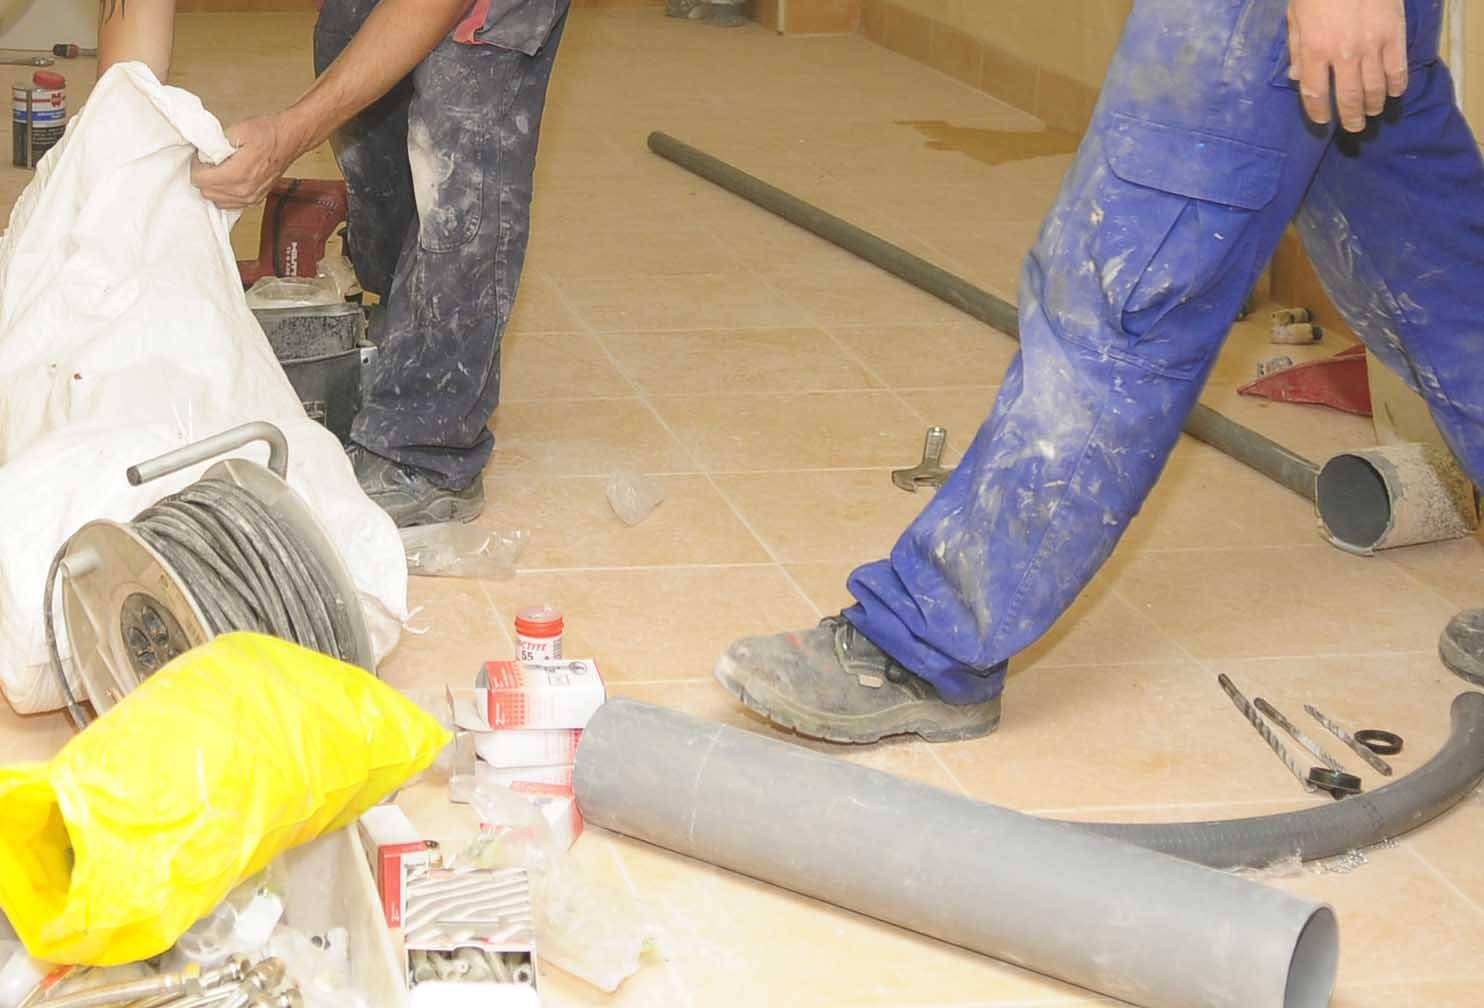 Inspecci n en reparaciones del hogar ayuntamiento de madrid for Empresas de reparaciones del hogar en madrid